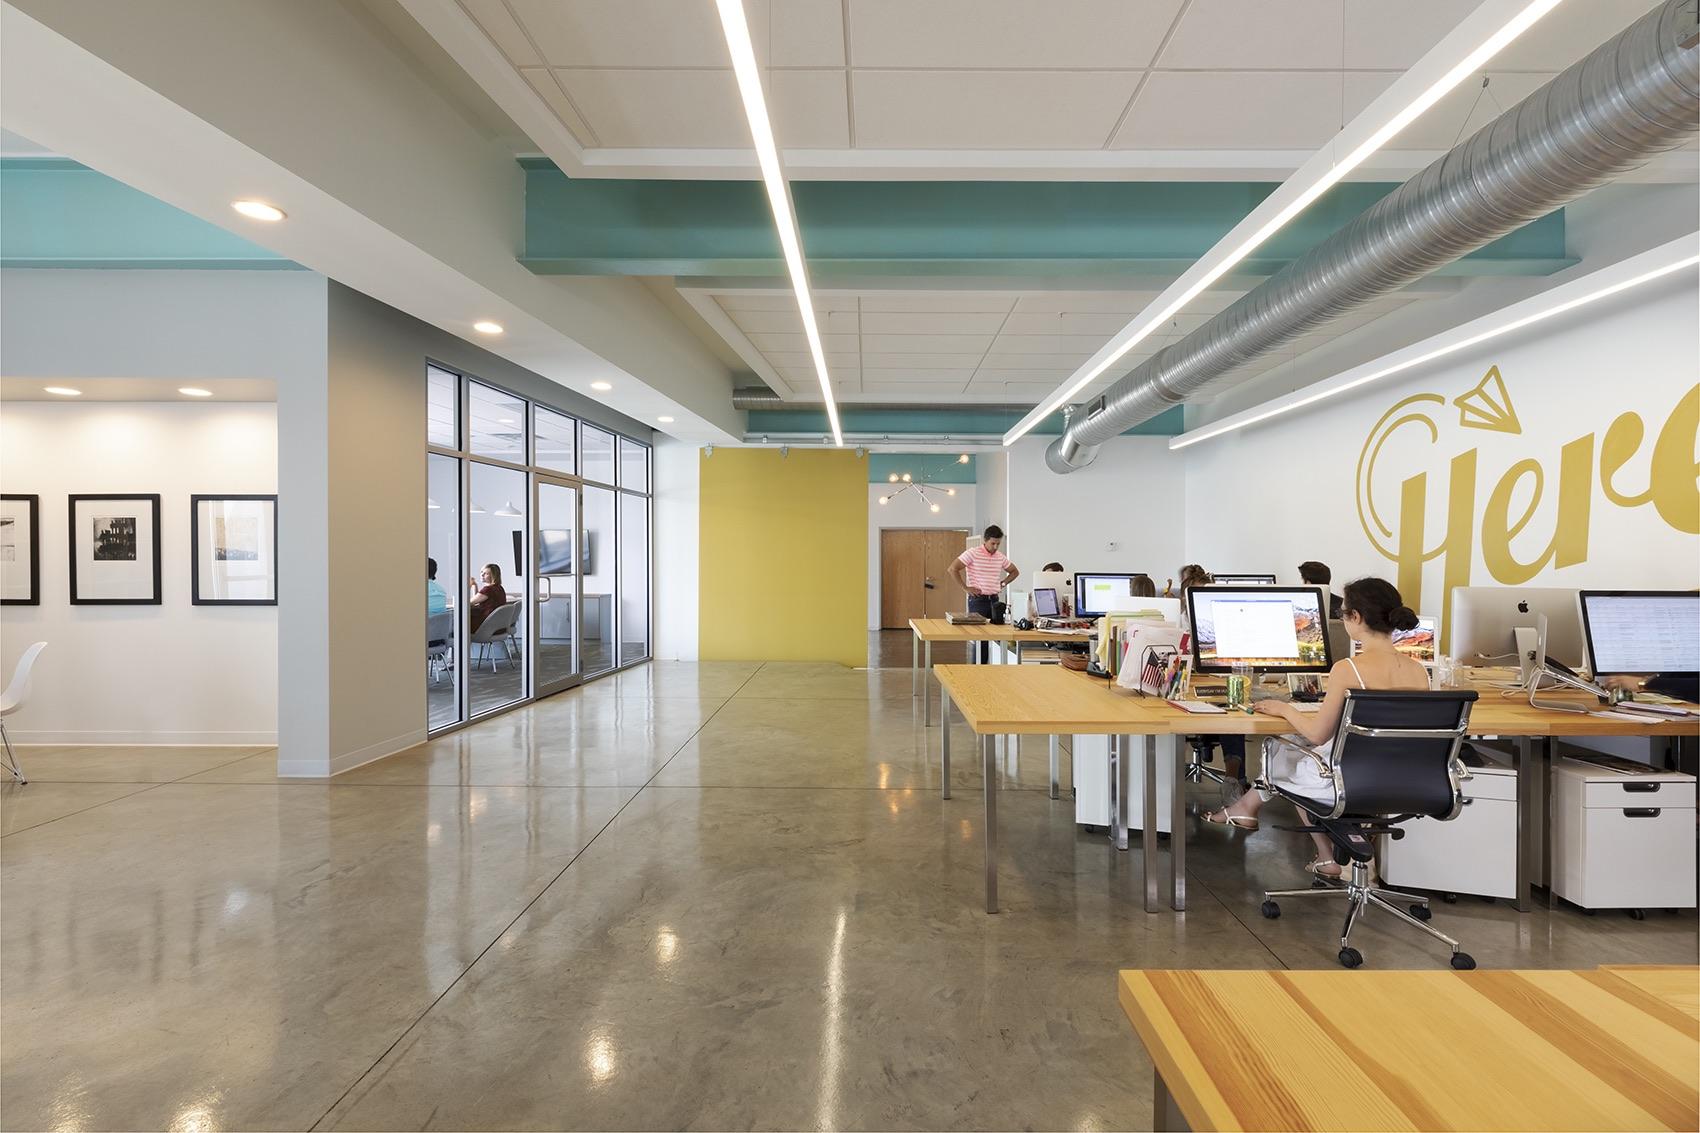 interior design companies in indianapolis in